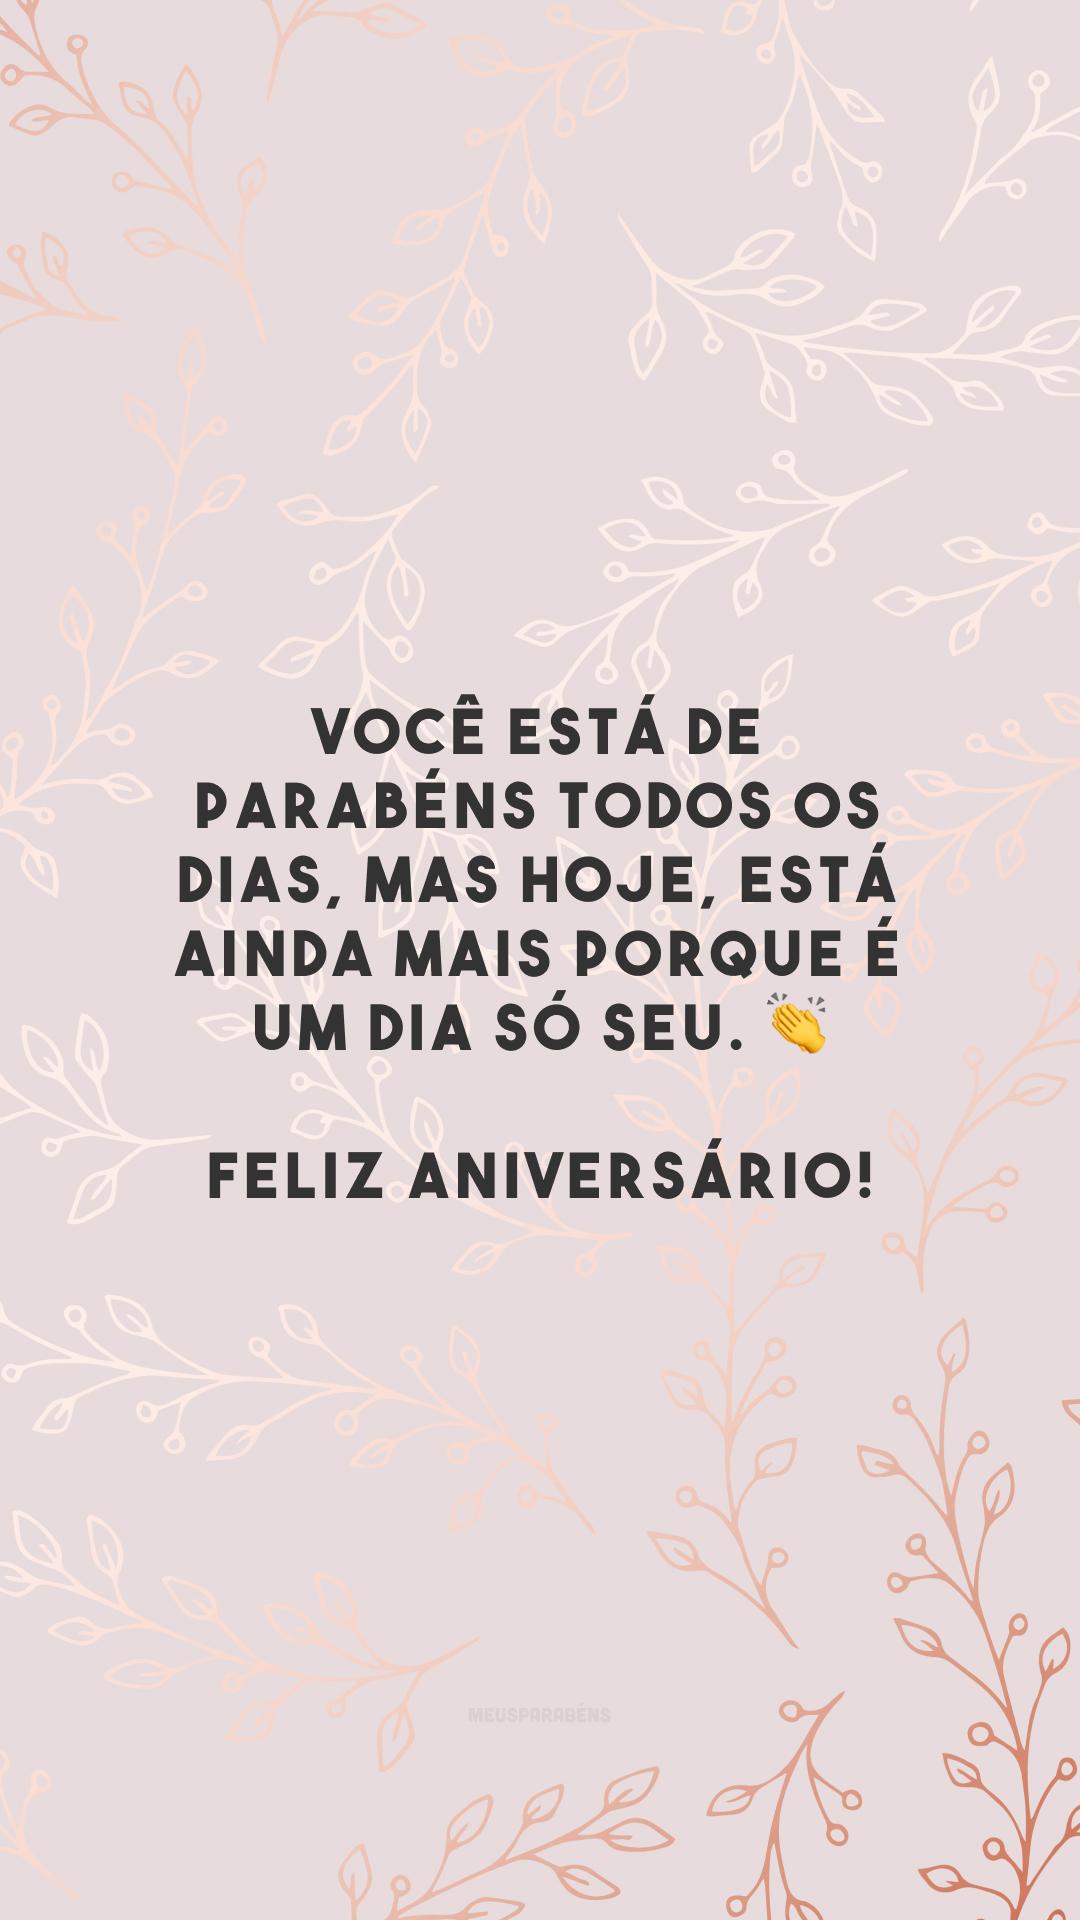 Você está de parabéns todos os dias, mas hoje, está ainda mais porque é um dia só seu. 👏 Feliz aniversário!